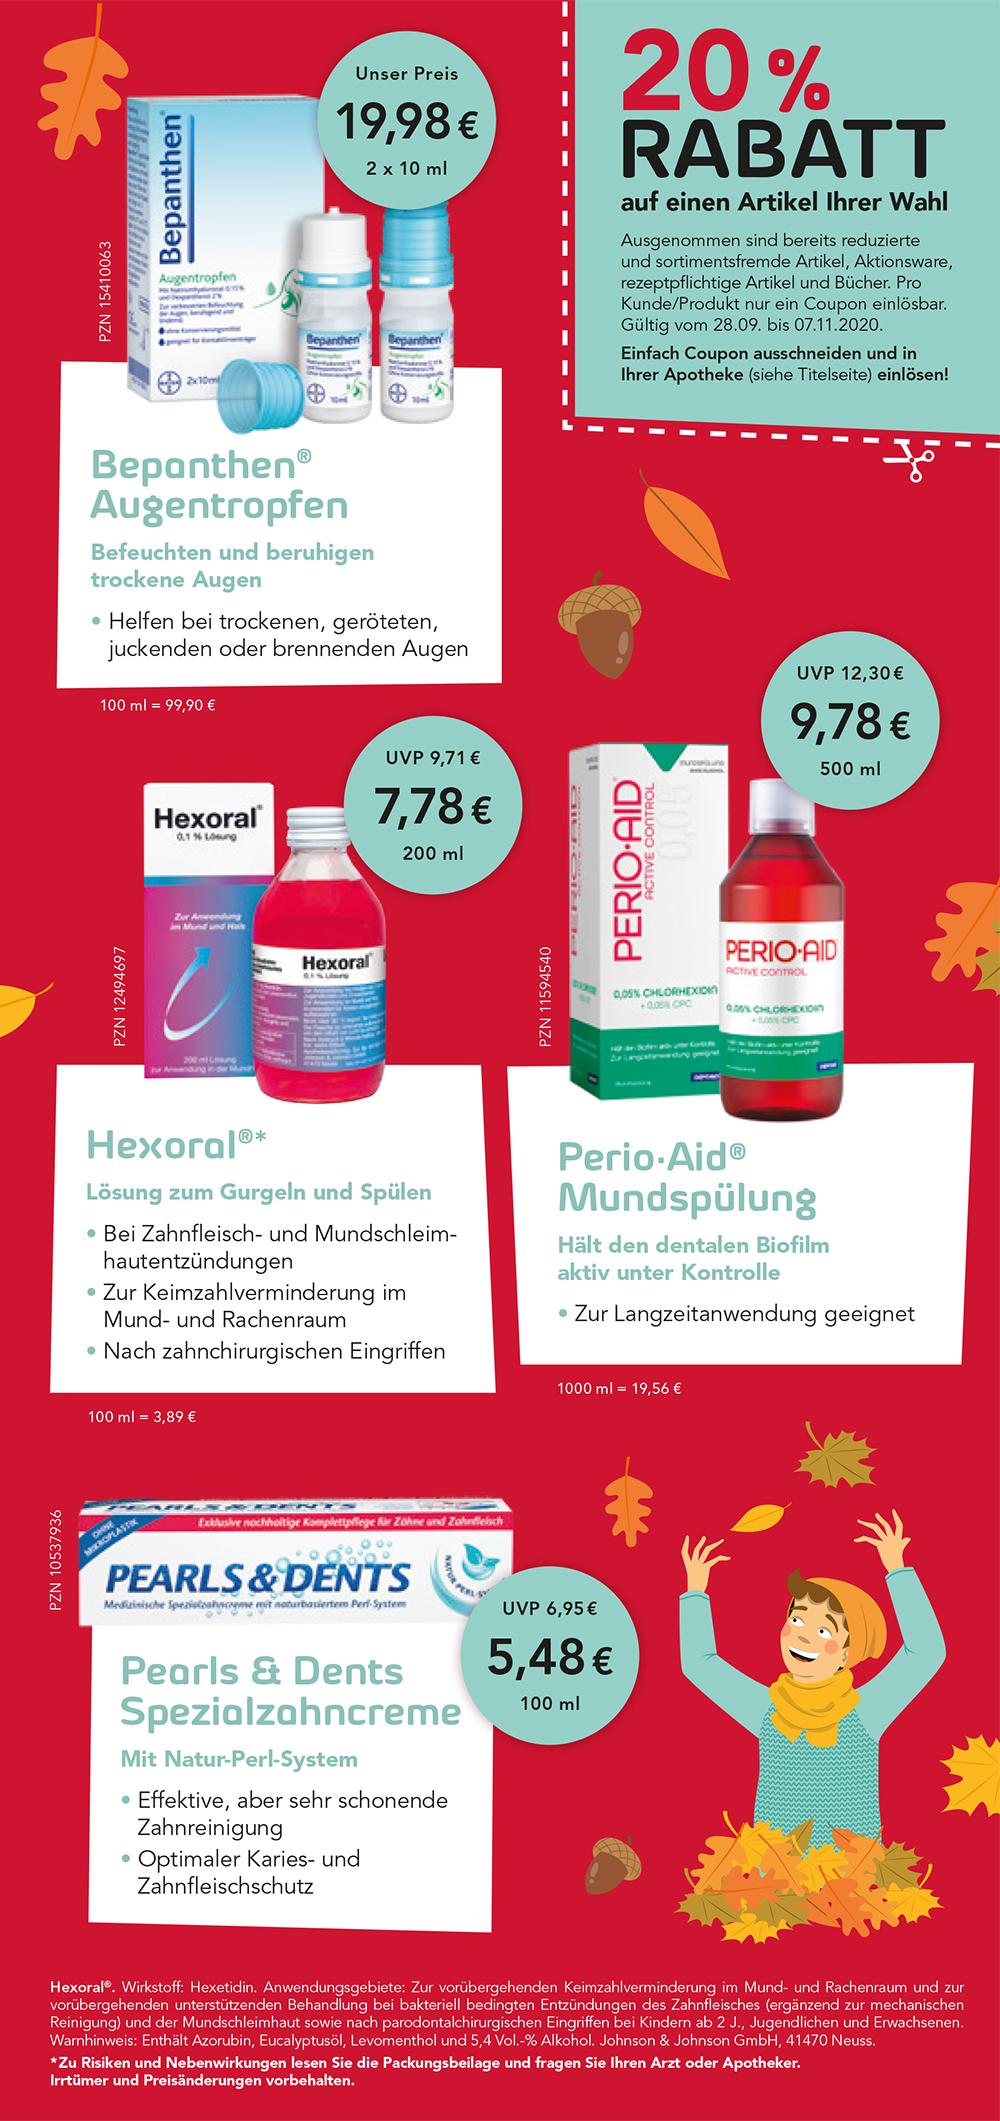 http://www.apotheken.de/fileadmin/clubarea/00000-Angebote/93413_414_zimmermann_angebot_4.jpg